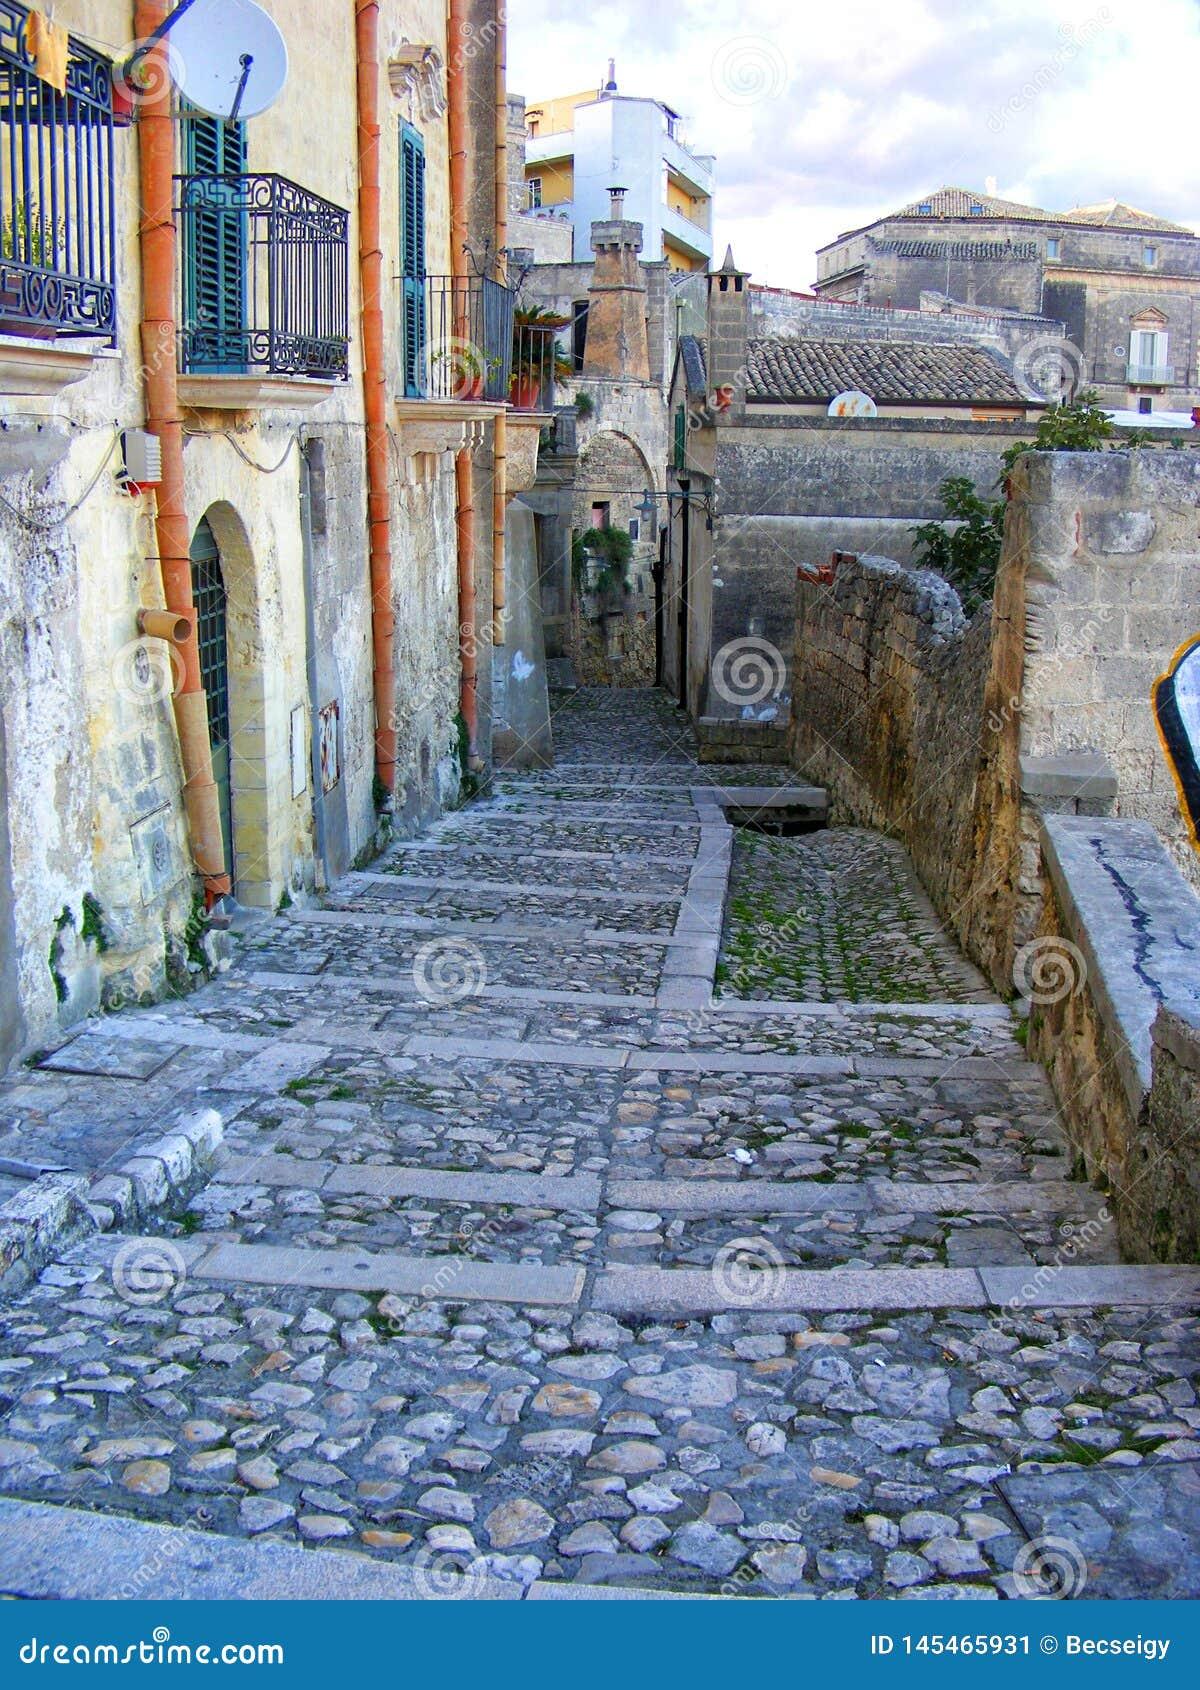 Vicolo piacevole a Matera, sito del patrimonio mondiale dell Unesco - Basilicata, Italia del sud